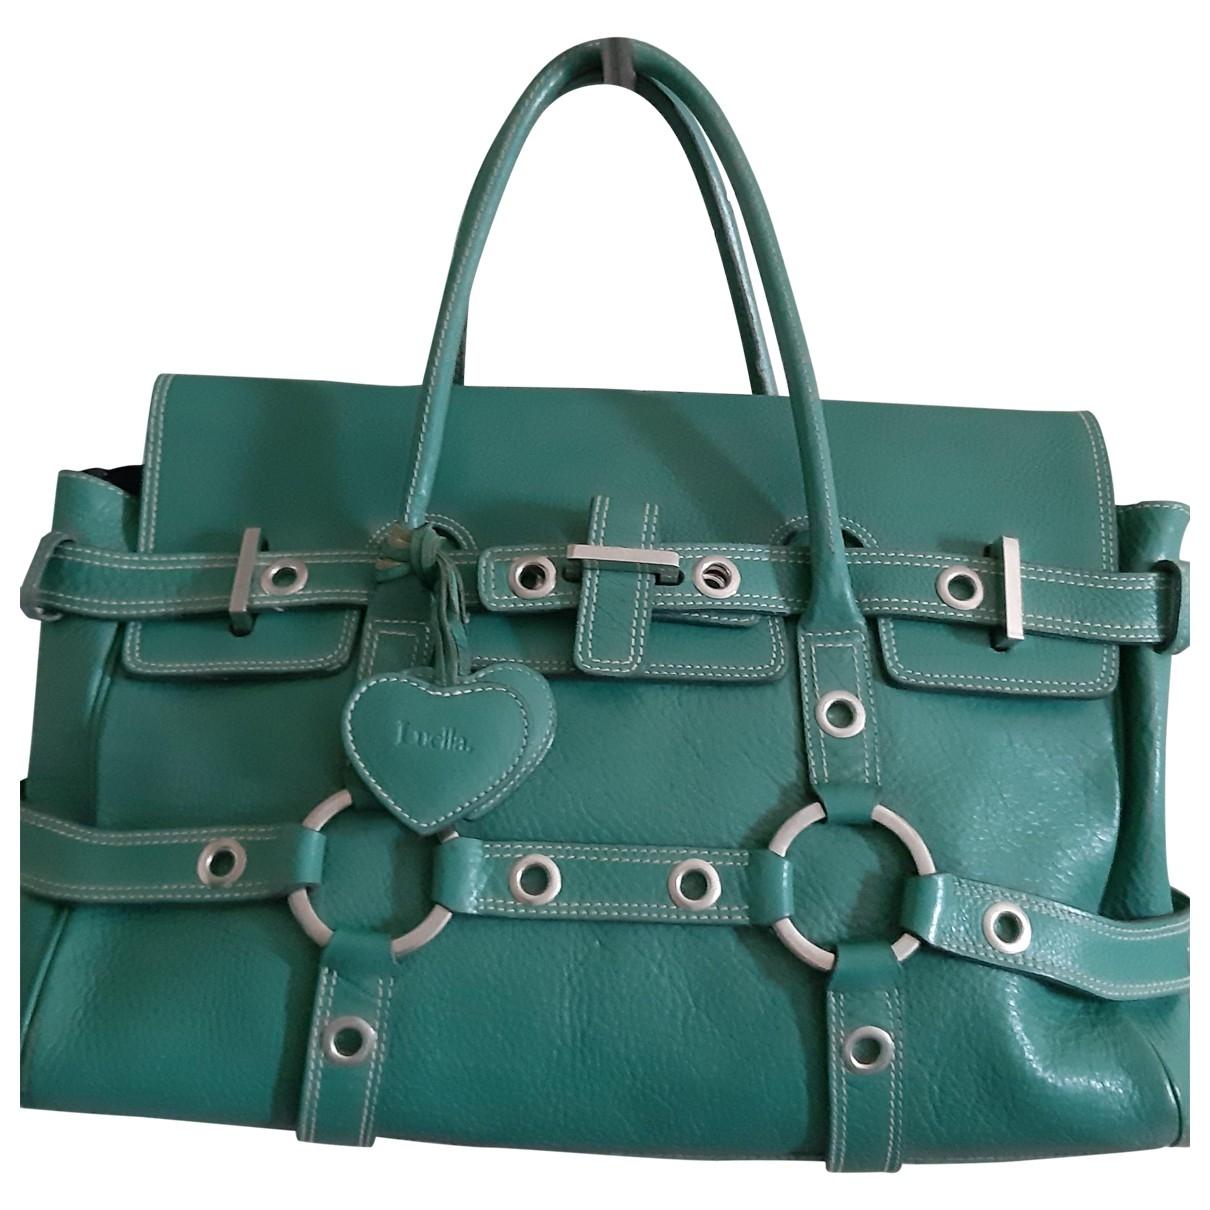 Luella \N Green Leather handbag for Women \N